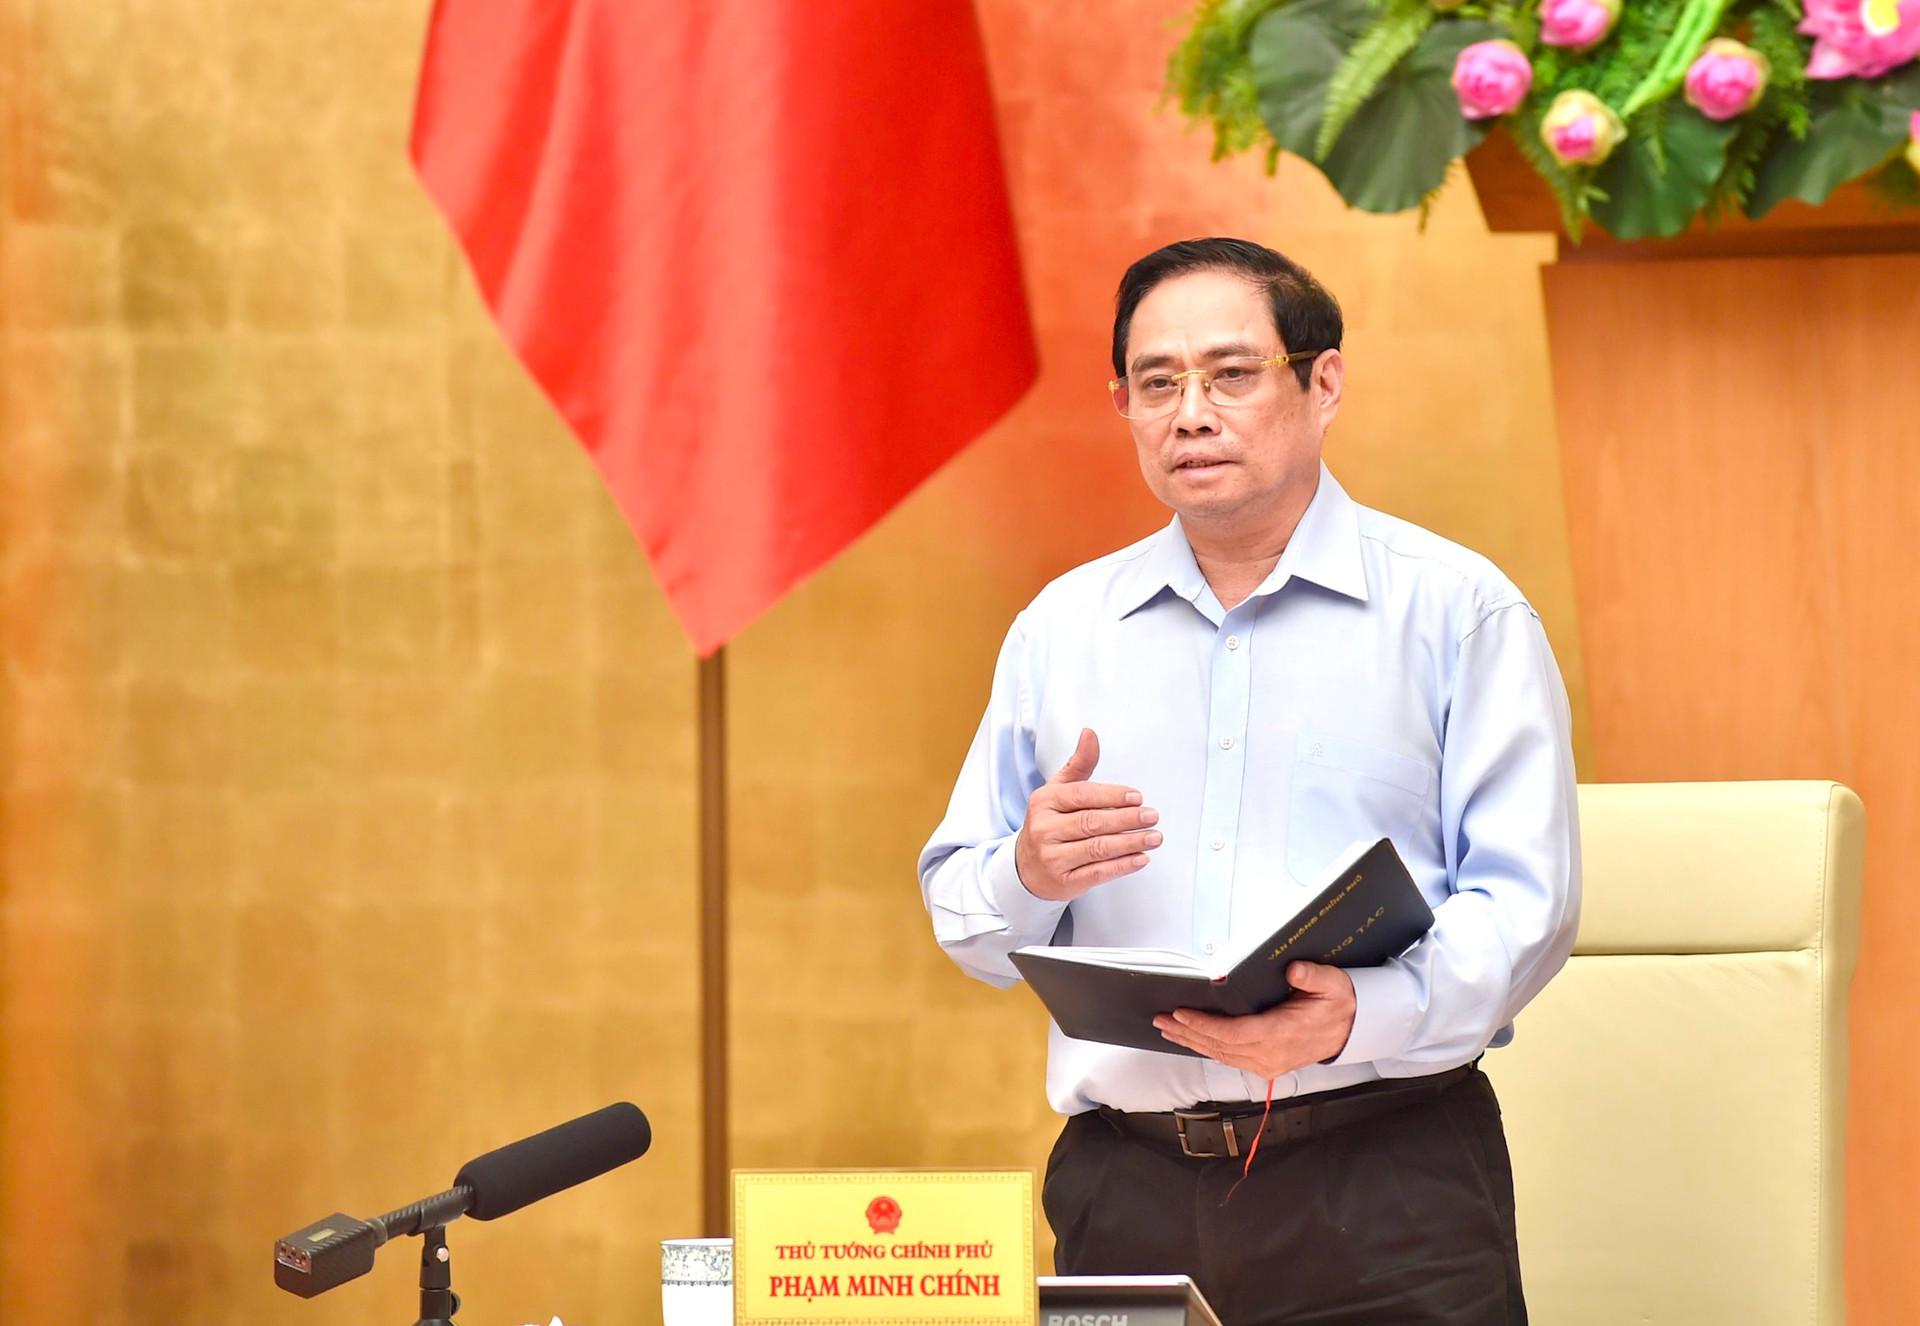 thu-tuong-cac-dia-phuong-phai-chuan-bi-kich-ban-dien-bien-tinh-hinh-xau-nhat.jpg